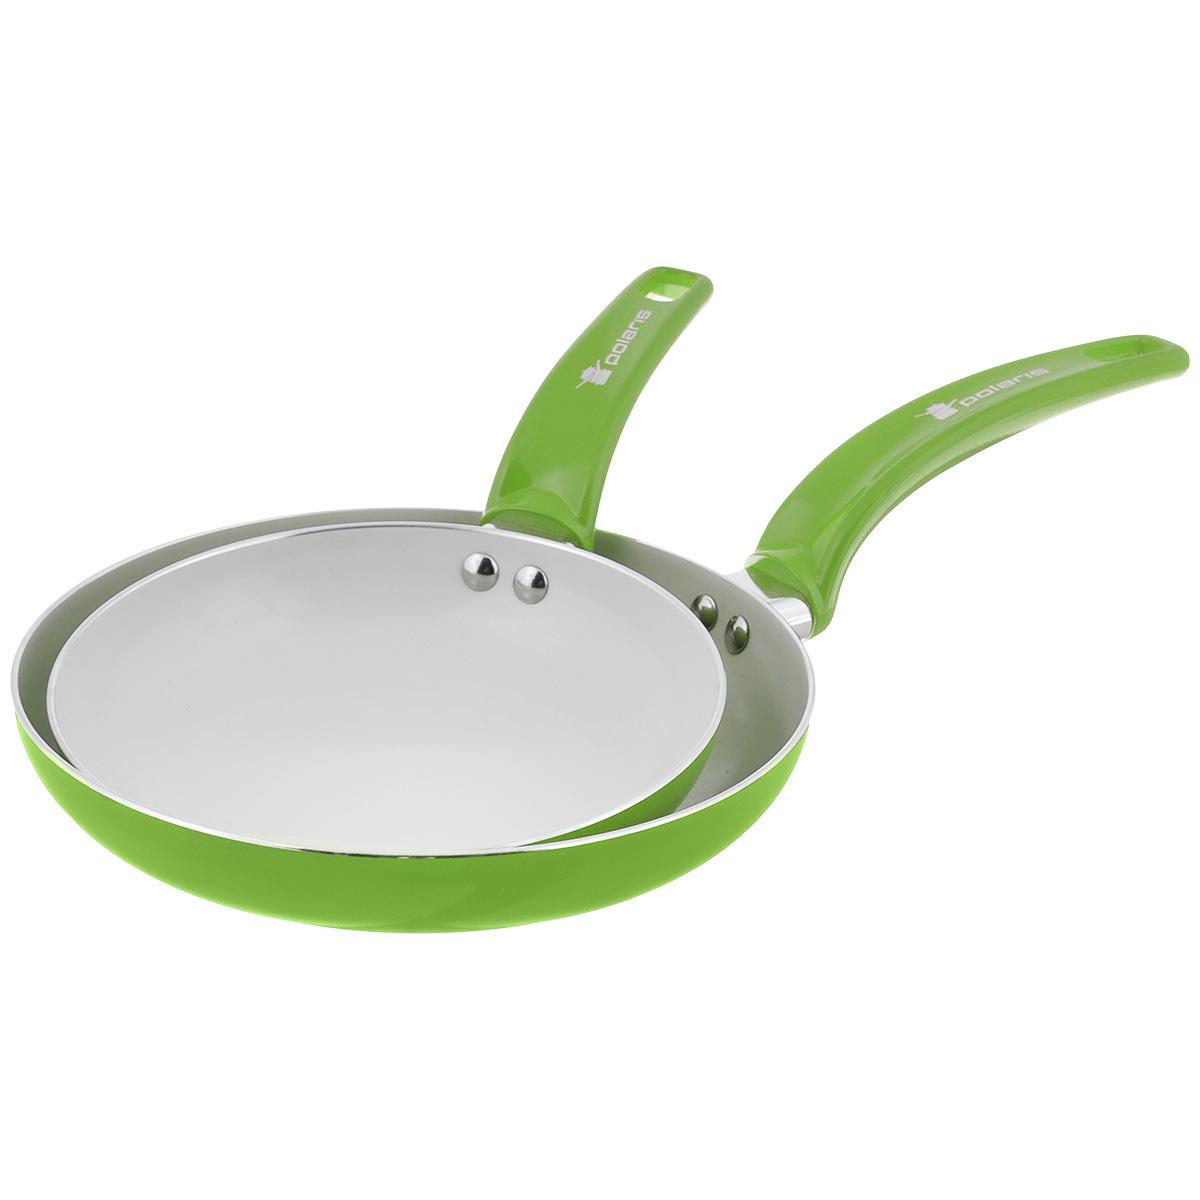 Набор сковородок Polaris Rainbow, с керамическим покрытием, цвет: салатовый. Диаметр 20 см, 24 смRain-2024FСковорода Polaris Rainbow изготовлена из штампованного алюминия толщиной 2,5 мм с керамическим антипригарным покрытием. Данное покрытие является абсолютно экологичным и не содержит вредных веществ, таких как PTFE и PFOA. Это позволяет готовить здоровую пищу с минимальным добавлением жира или подсолнечного масла. Сковорода быстро разогревается и распределяет тепло по всей поверхности.Сковорода оснащена удобной ручкой из бакелита. Изделие подходит для газовых, электрических, стеклокерамических плит. Не подходит для индукционных плит. Сковороду можно мыть в посудомоечной машине. Не использовать в СВЧ-печах.Большая сковорода.Высота стенки: 4 см.Толщина стенки: 2,5 мм.Толщина дна: 2,5 мм.Длина ручки: 18 см.Малая сковорода:Высота стенки: 3,5 см.Толщина стенки: 2,5 мм.Толщина дна: 2,5 мм.Длина ручки: 15 см.